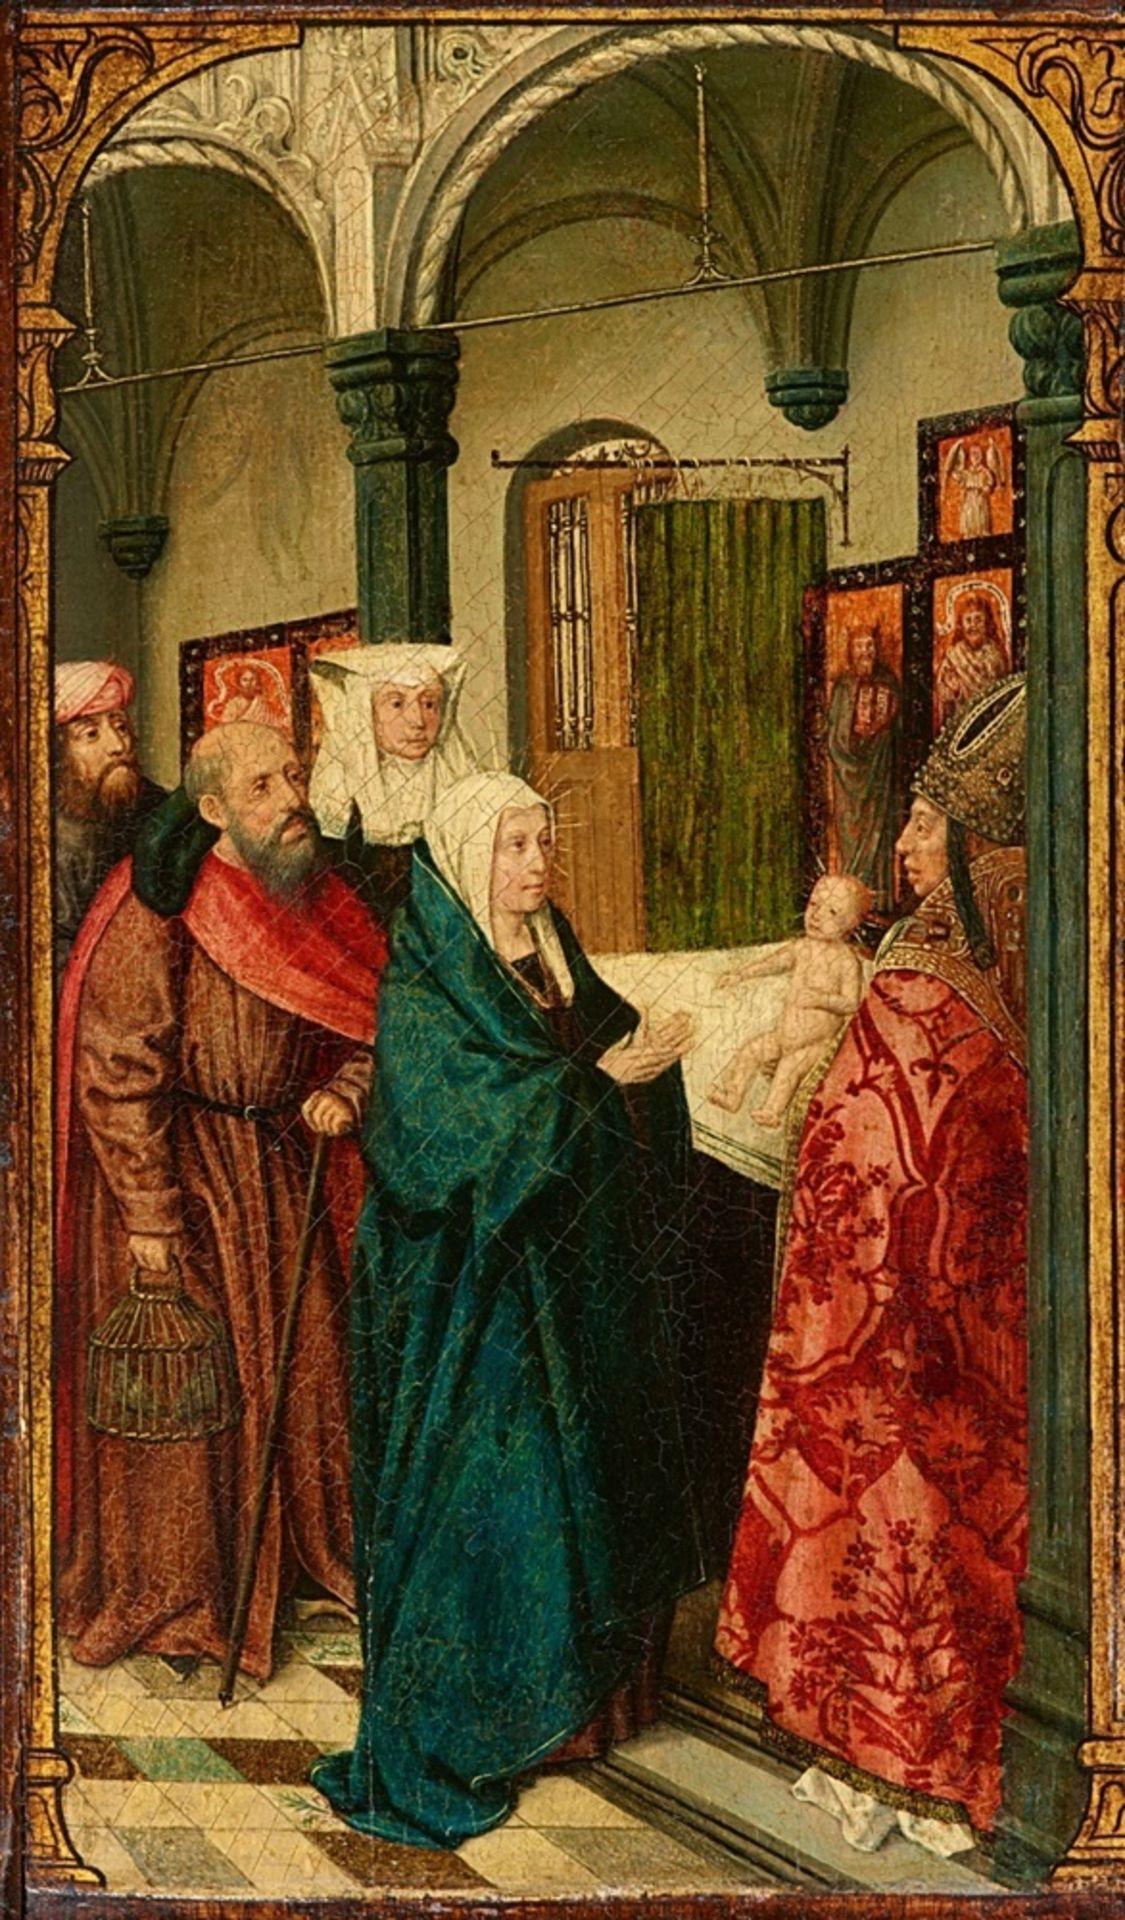 Südniederländischer Meister des späten 15. JahrhundertsDarbringung im Tempel